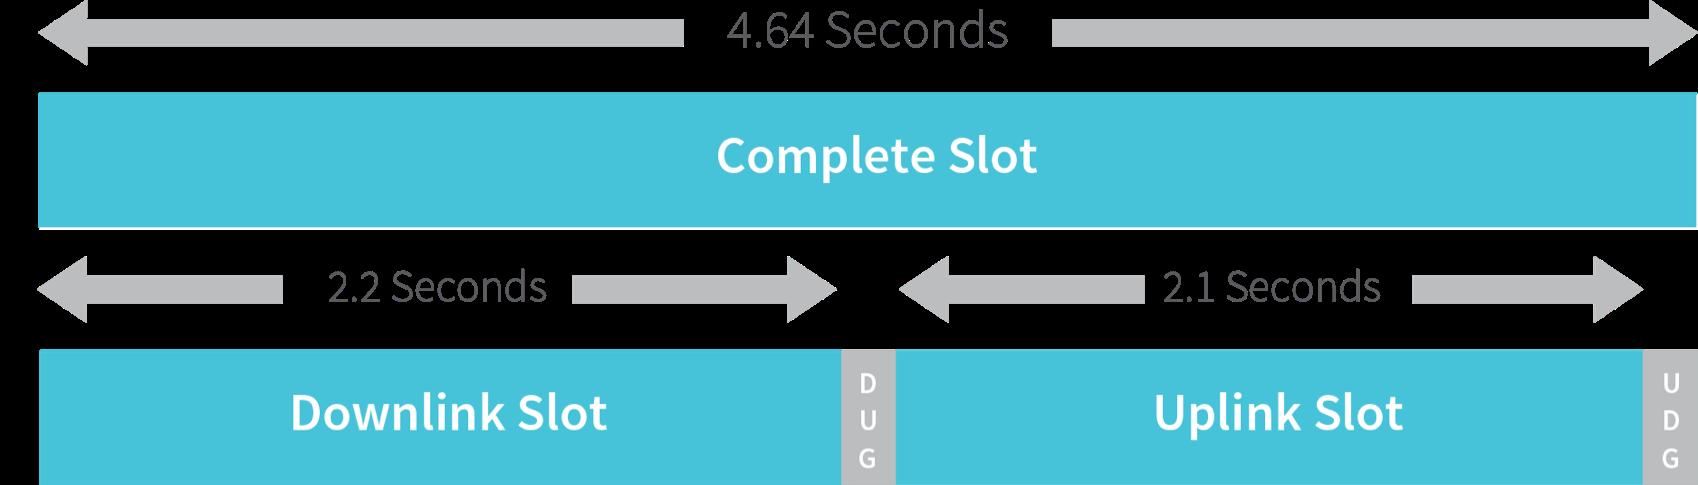 uplink-capacity-slots